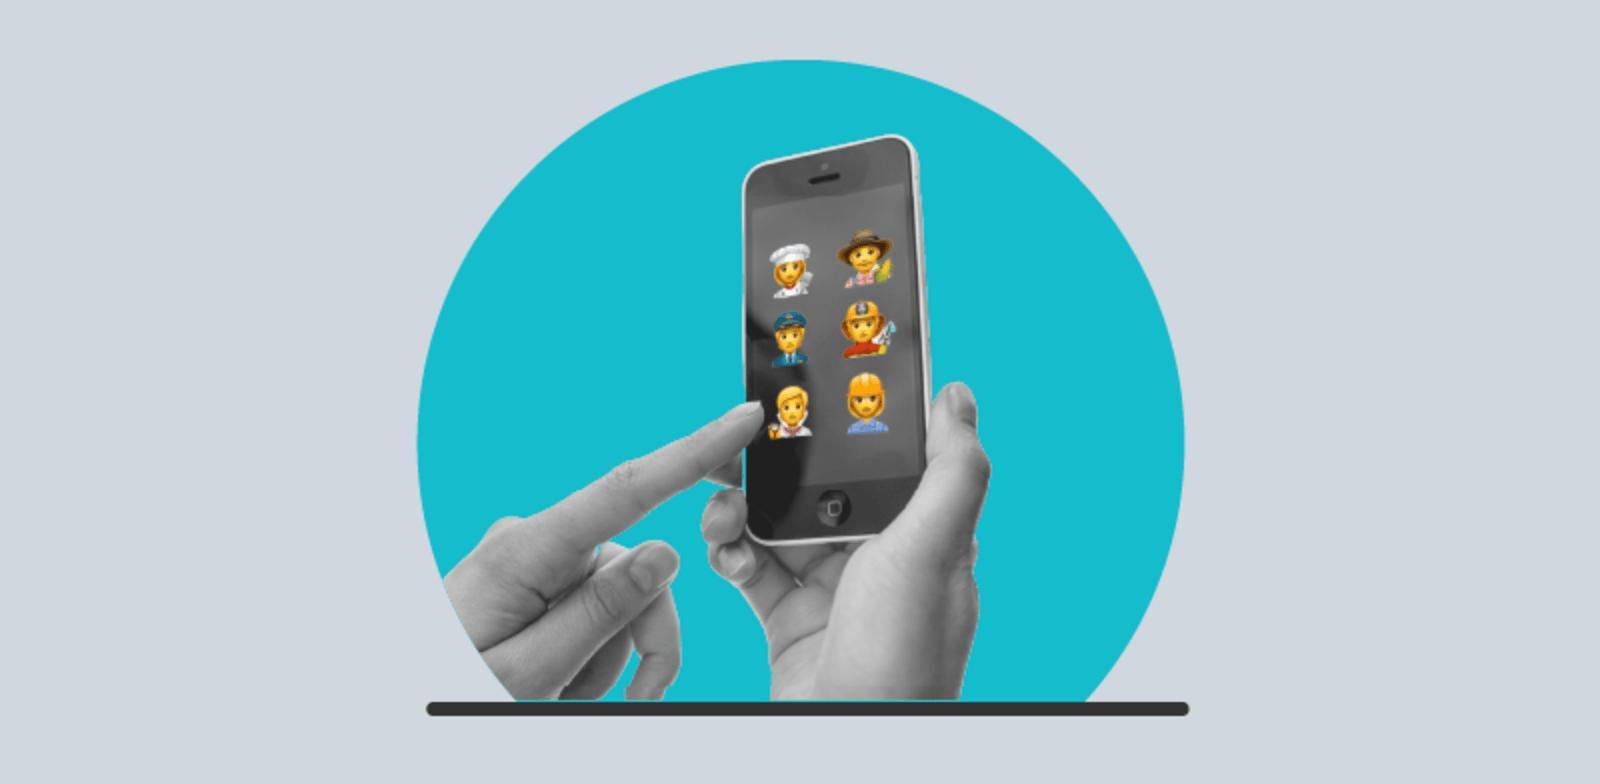 להמציא את עצמך מחדש בלי להתפטר / צילום: Shutterstock